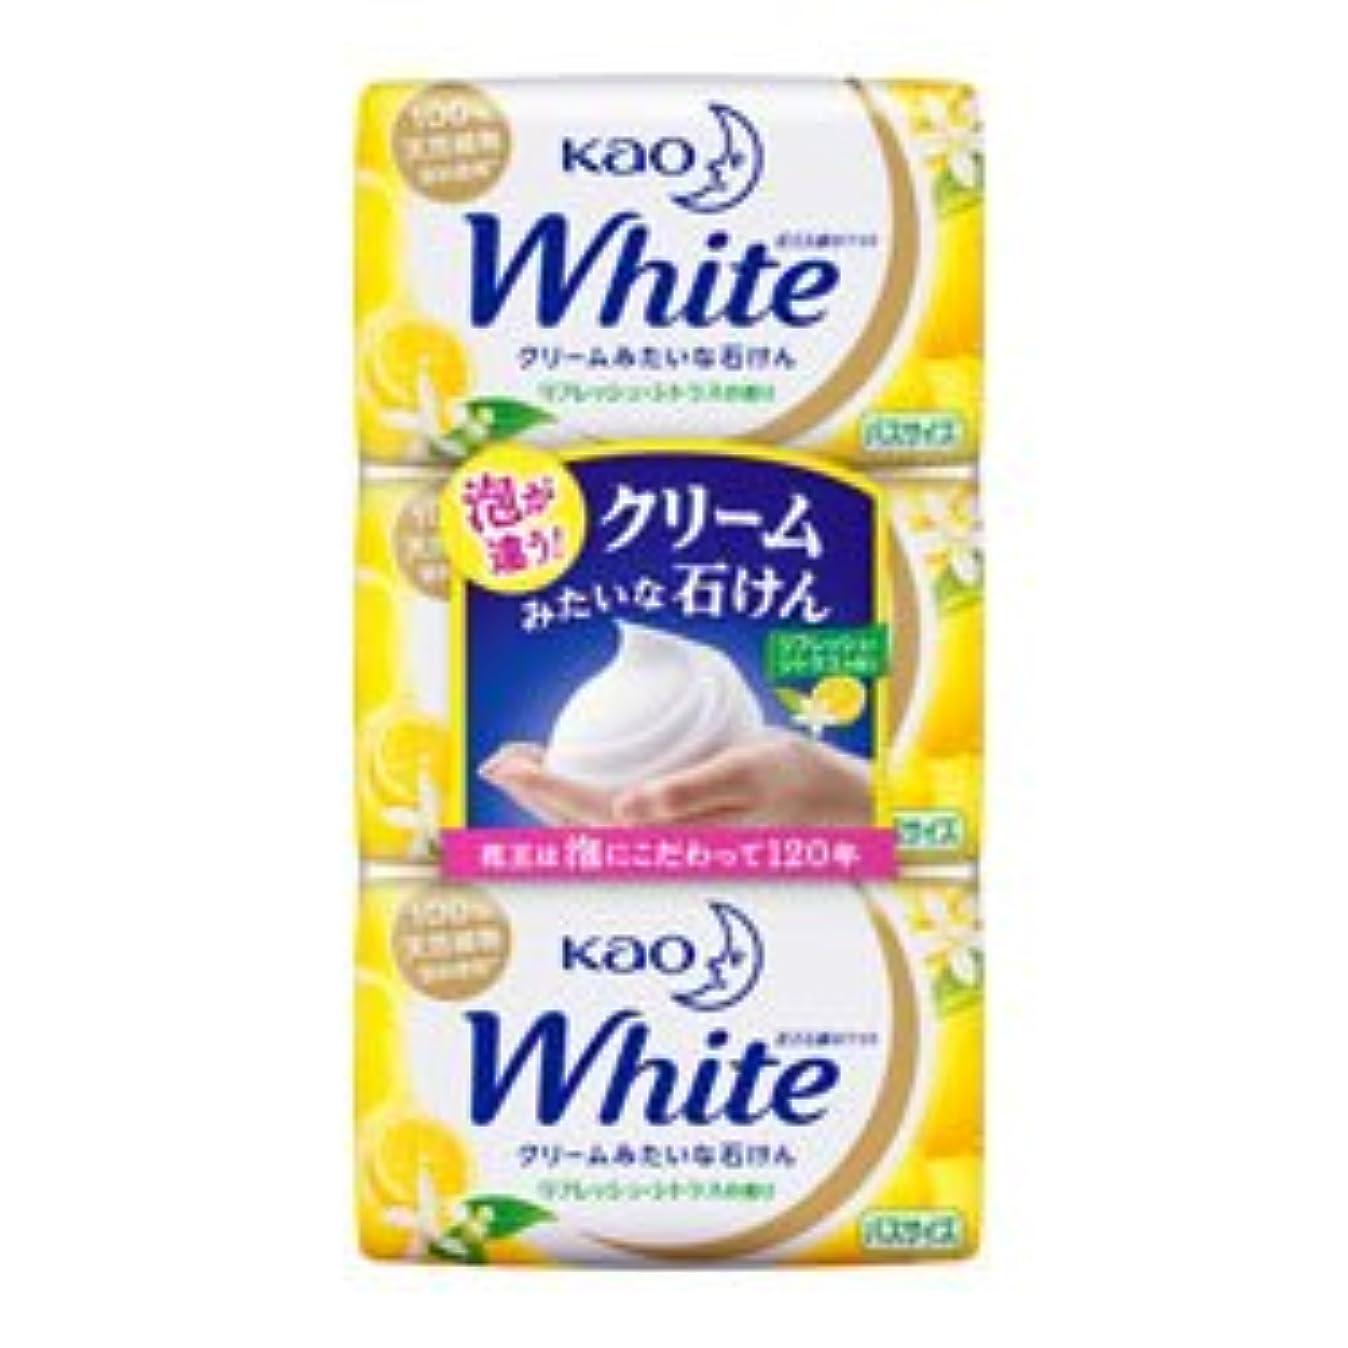 あそこ民間蚊【花王】ホワイト リフレッシュ?シトラスの香り バスサイズ 130g×3個入 ×20個セット